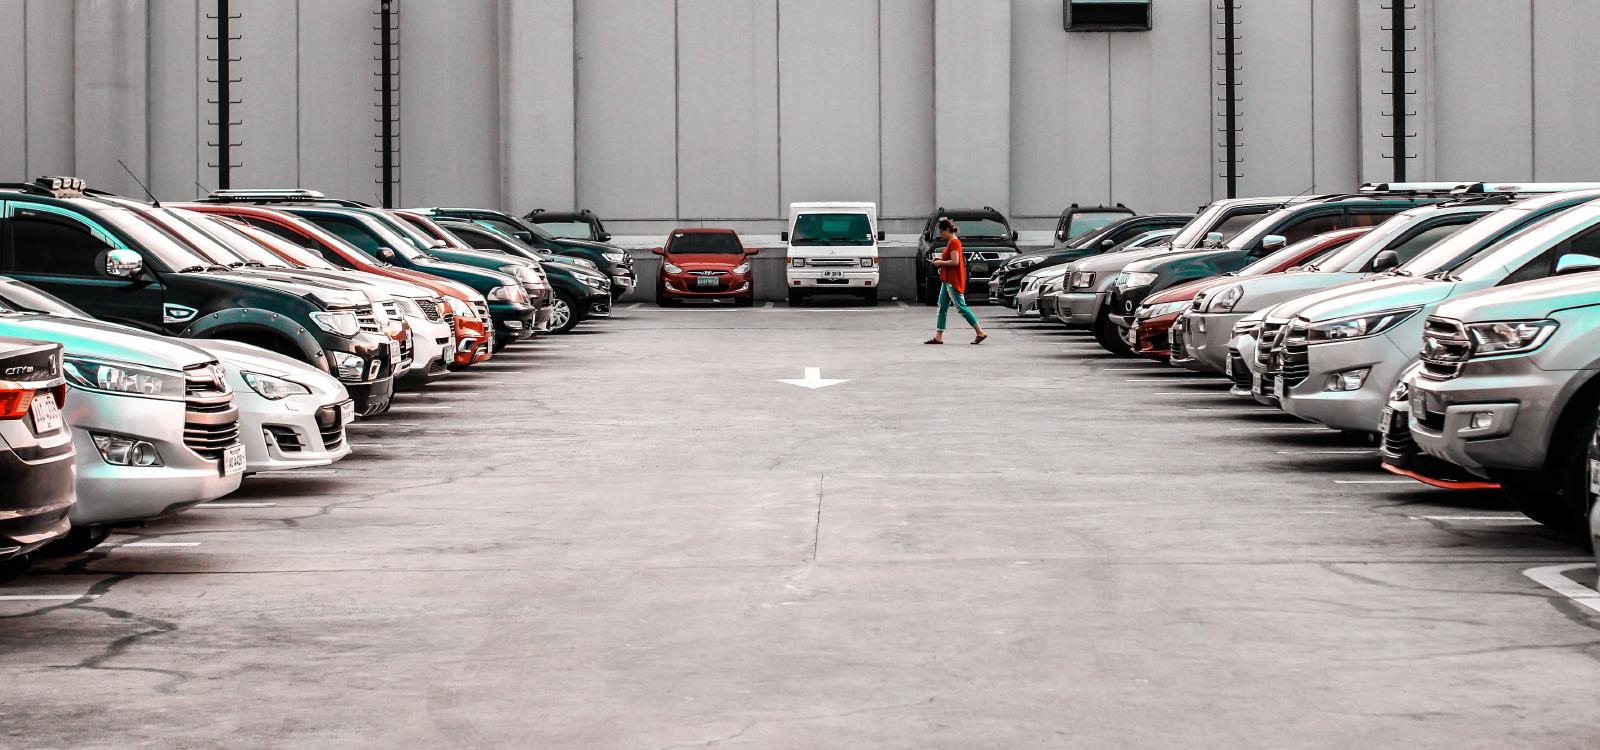 Warren Averett parking tax image